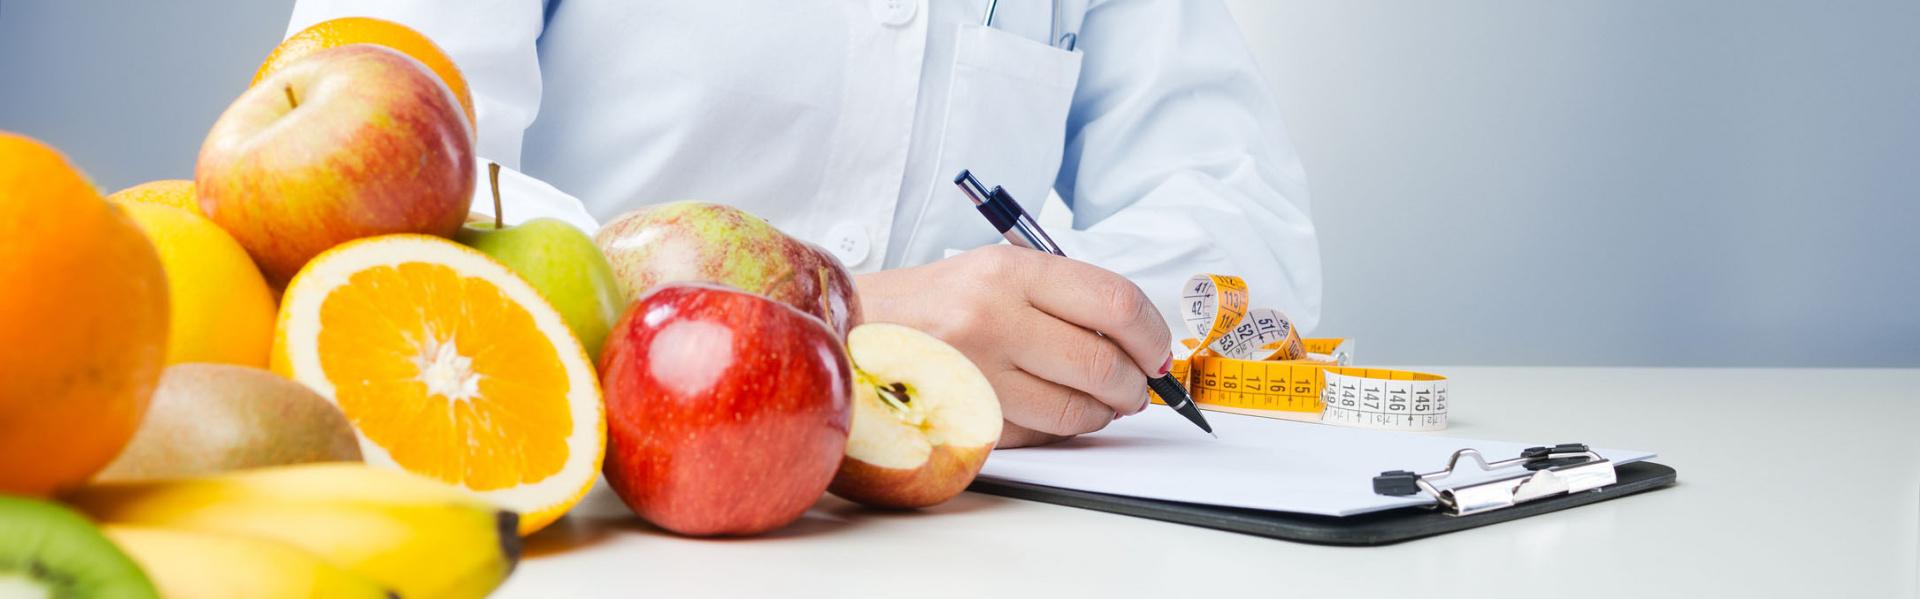 Servicio de nutrición totalmente personalizado.